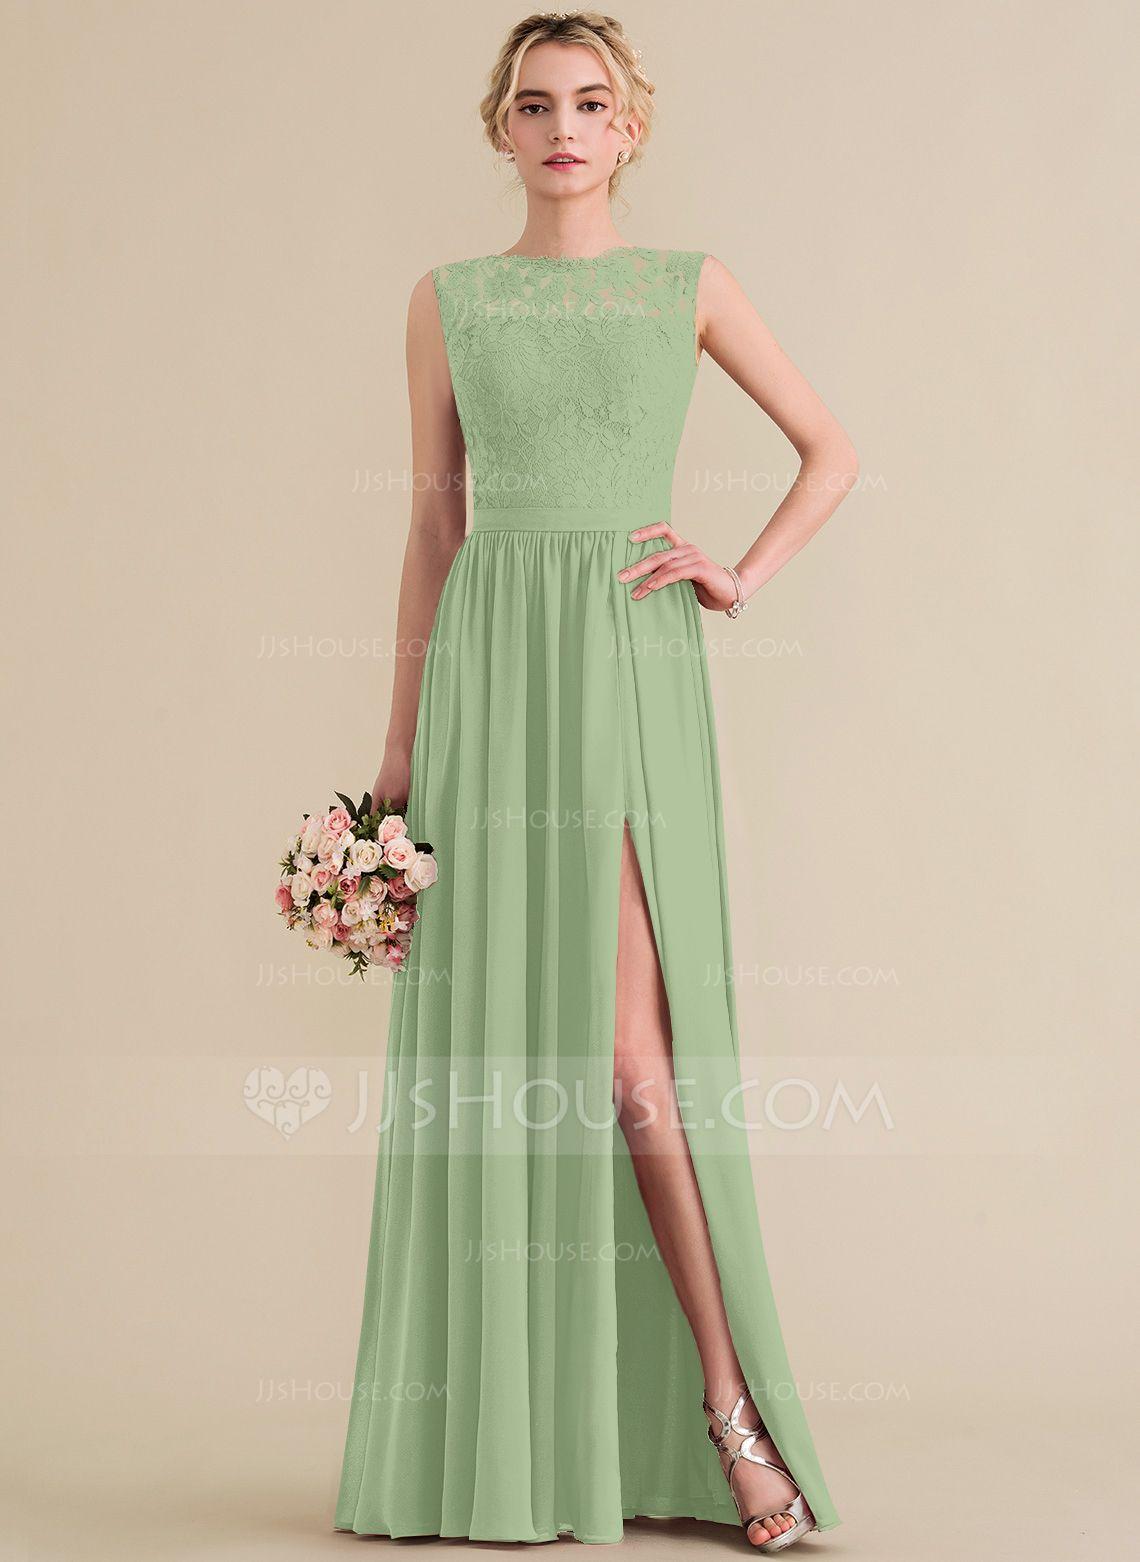 21d93d1ab5 A-Line Princess Scoop Neck Floor-Length Chiffon Lace Bridesmaid Dress With  Split Front (007144746) - Bridesmaid Dresses - JJsHouse